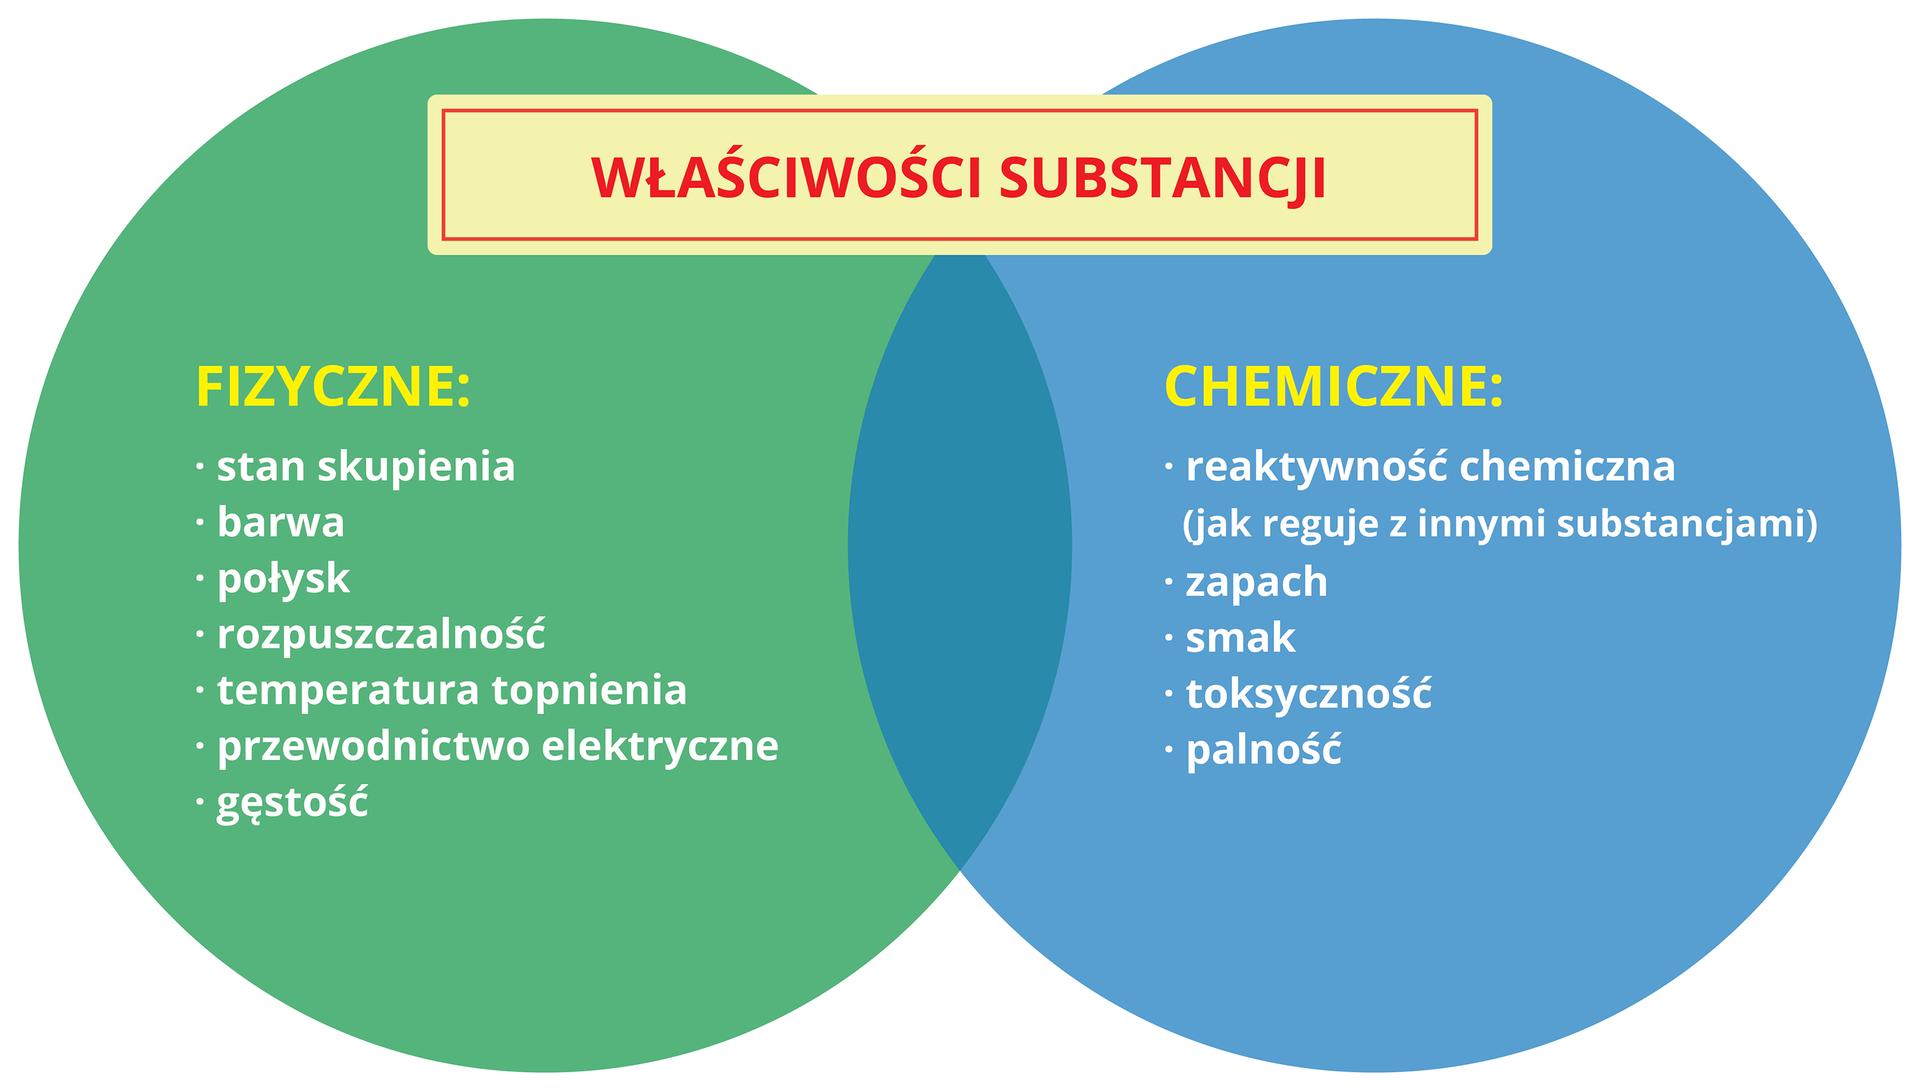 Ilustracja przedstawia infografikę zatytułowaną Właściwości substancji składającą się zdwóch nachodzących na siebie kół, zielonego iniebieskiego. Zielone koło zlewej strony podpisane jest Właściwości fizyczne izawiera następujące elementy: stan skupienia, barwa, połysk, rozpuszczalność, temperatura topnienia, przewodnictwo elektryczne, gęstość. Prawe koło, zatytułowane Właściwości chemiczne zawiera pięć cech: reaktywność chemiczna, zapach, smak, toksyczność, palność.